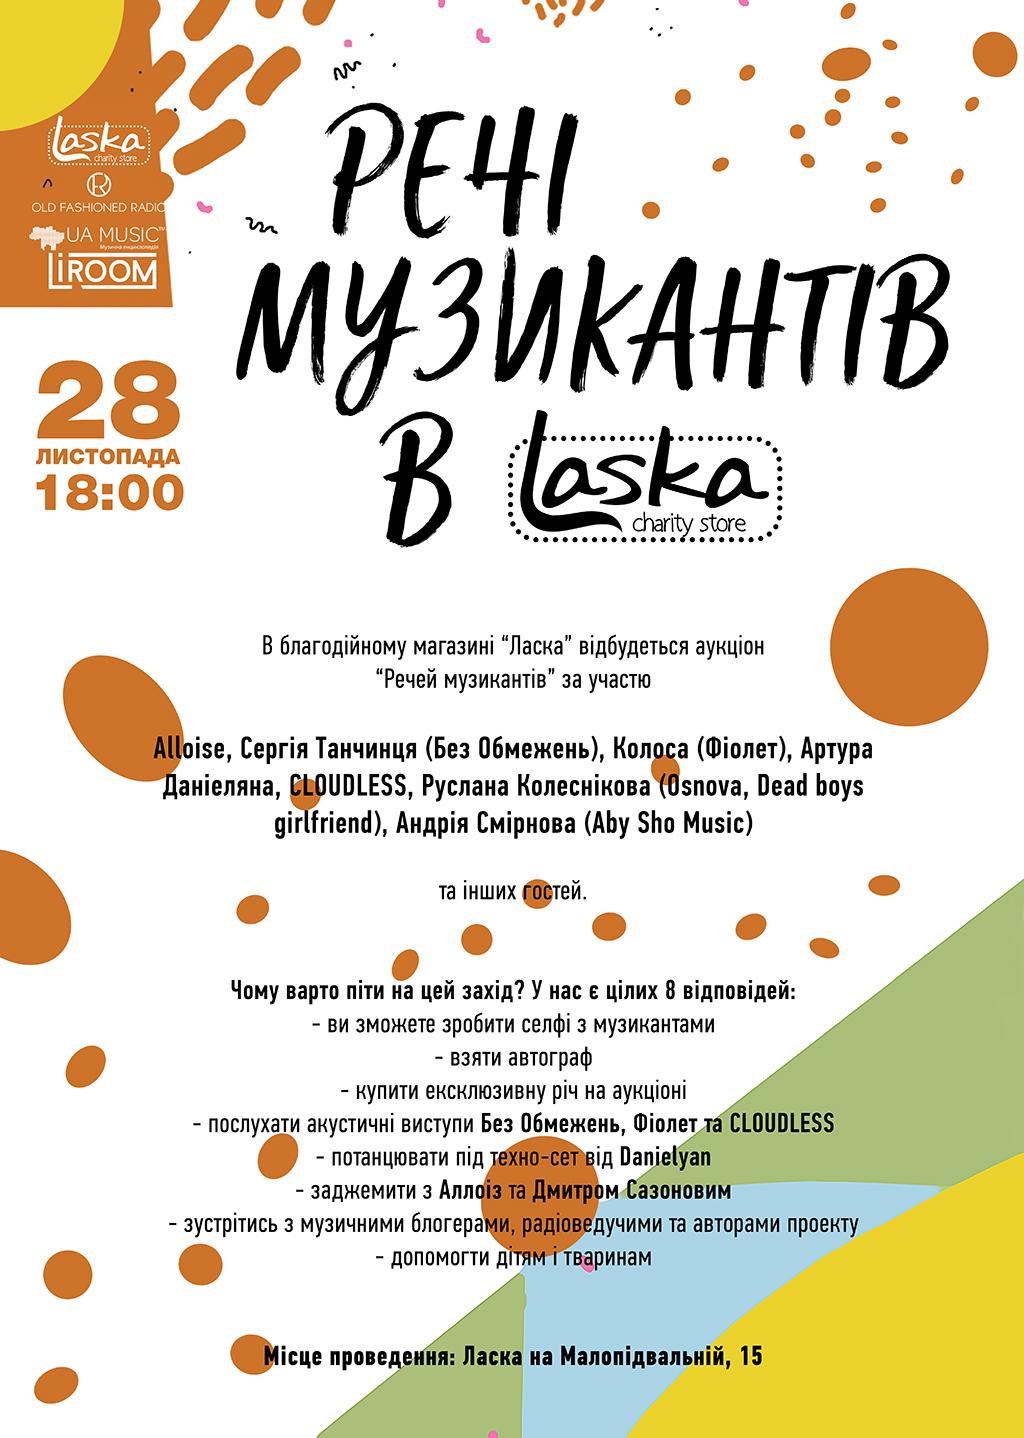 A2_laska_RechiMuzik Новини/Статті | UA MUSIC Енциклопедія української музики